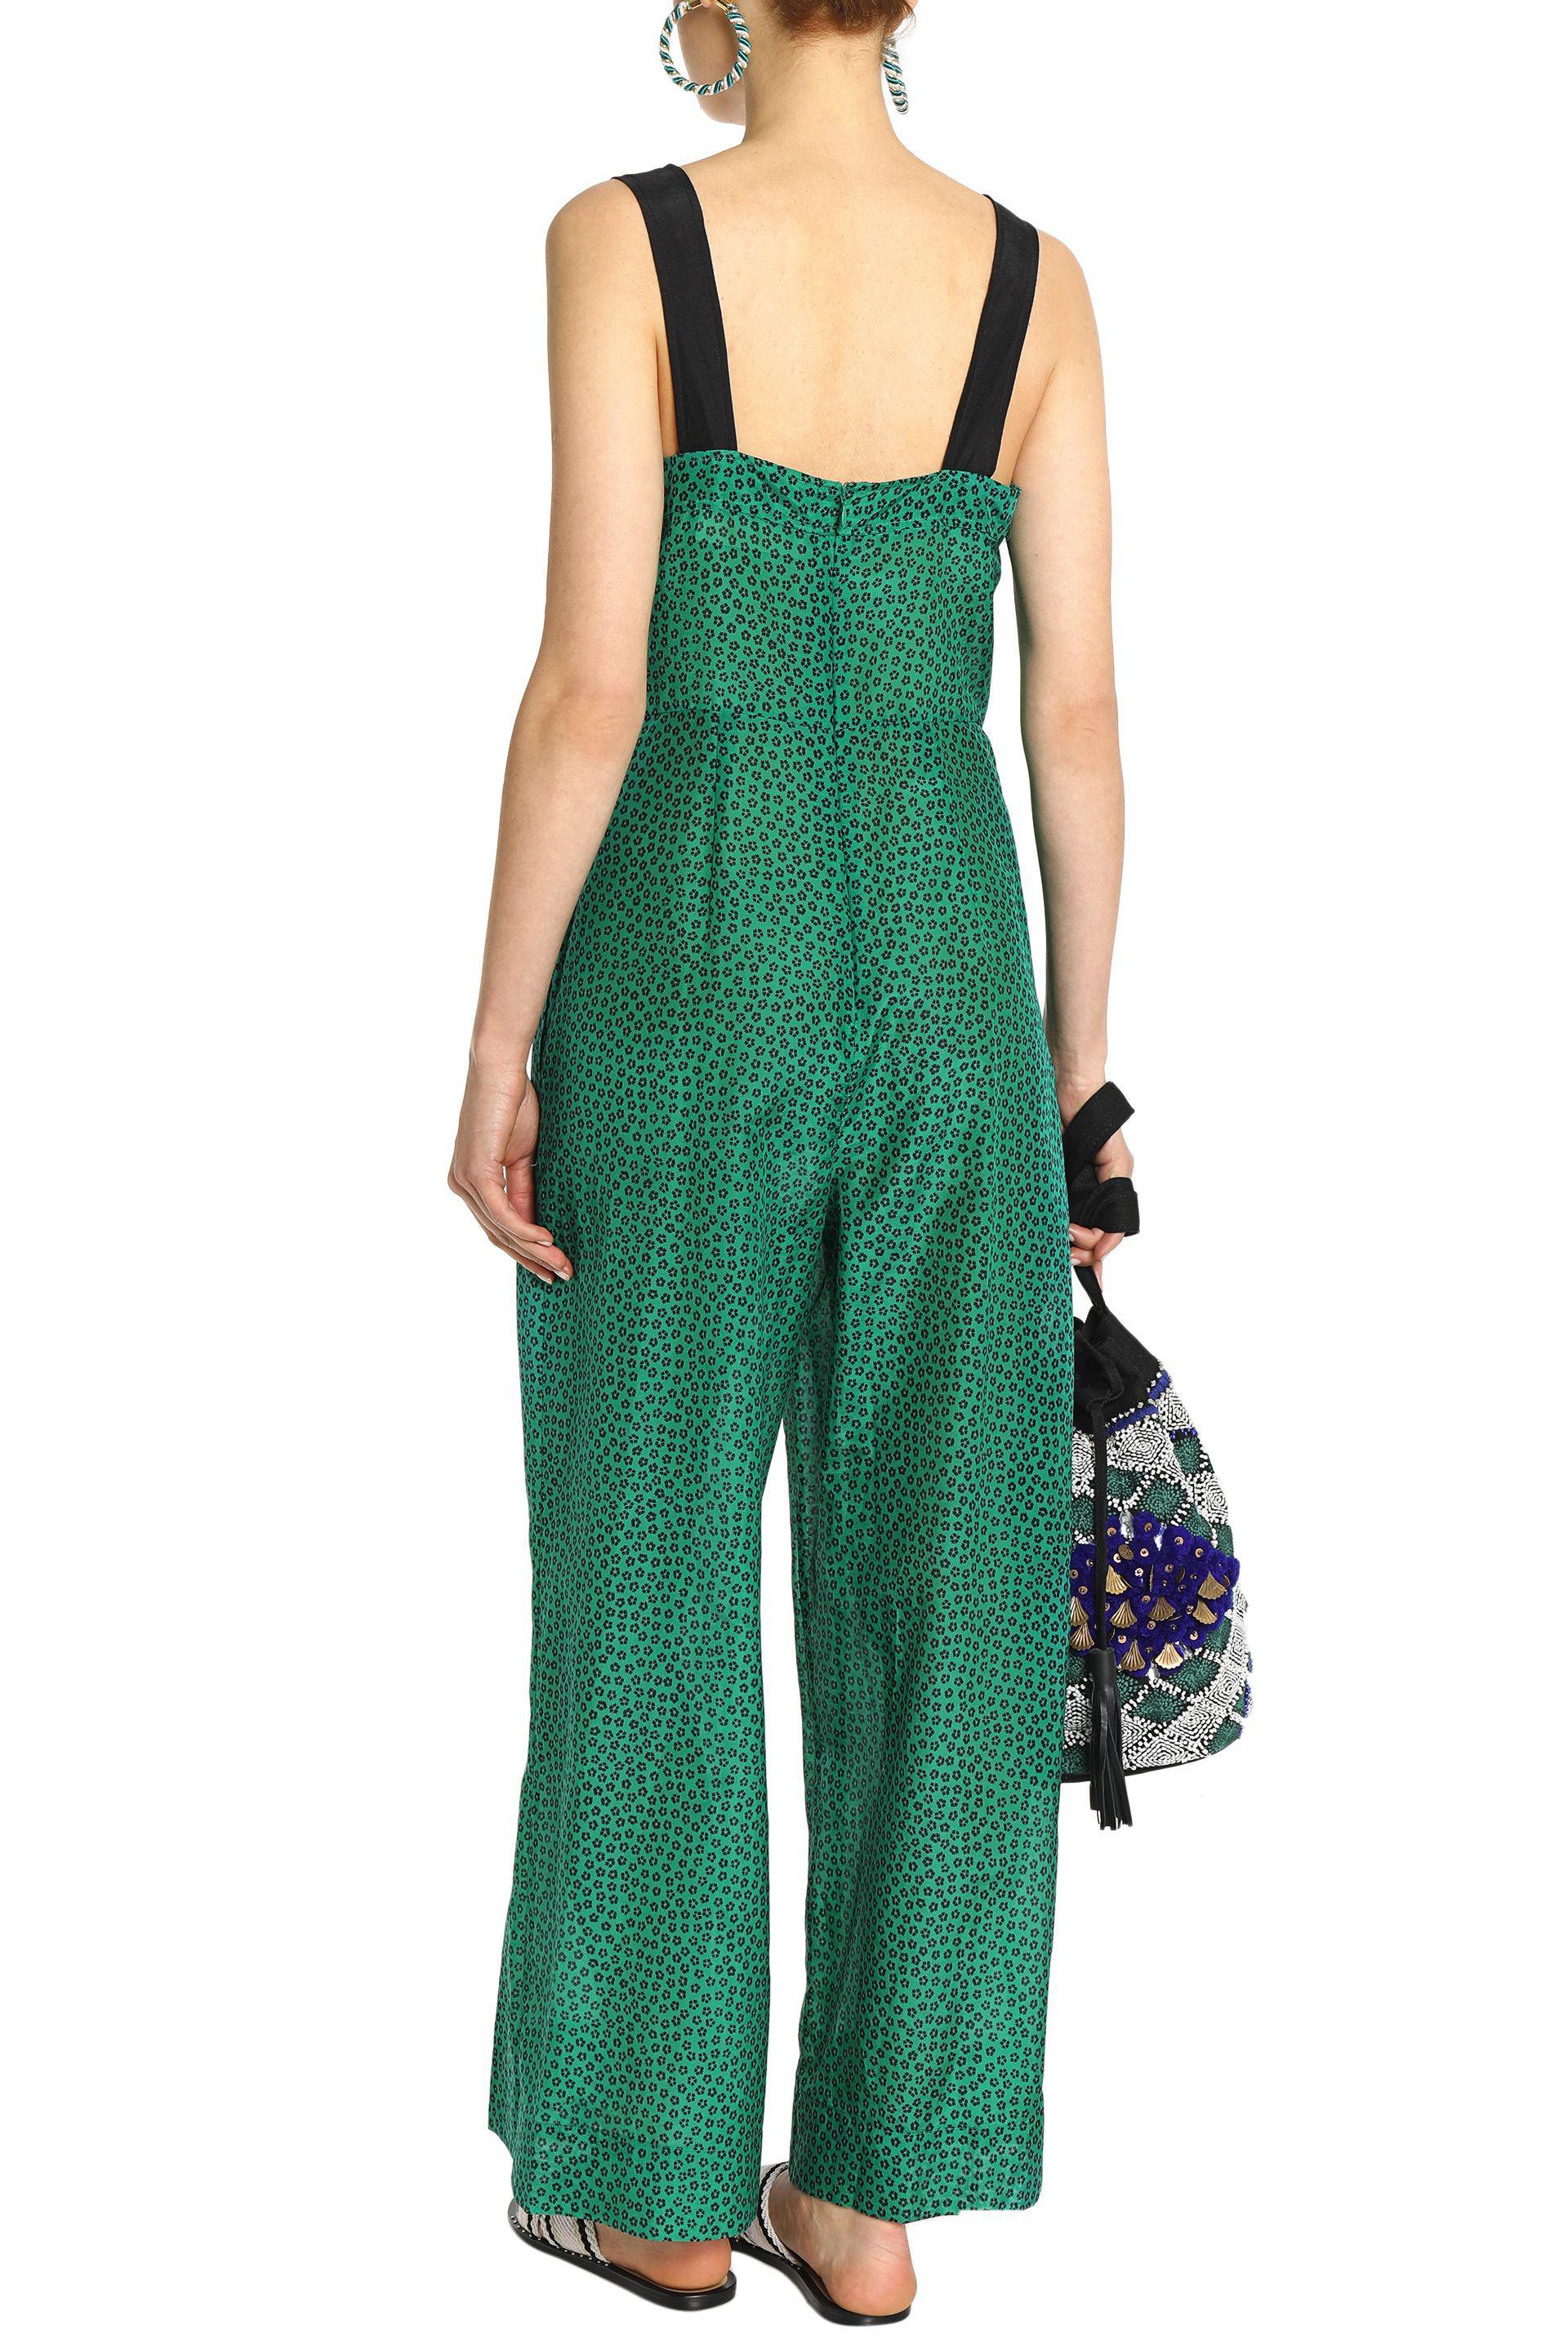 0dd9ae7c7a Diane Von Furstenberg Printed Cotton And Silk-blend Wide-leg ...